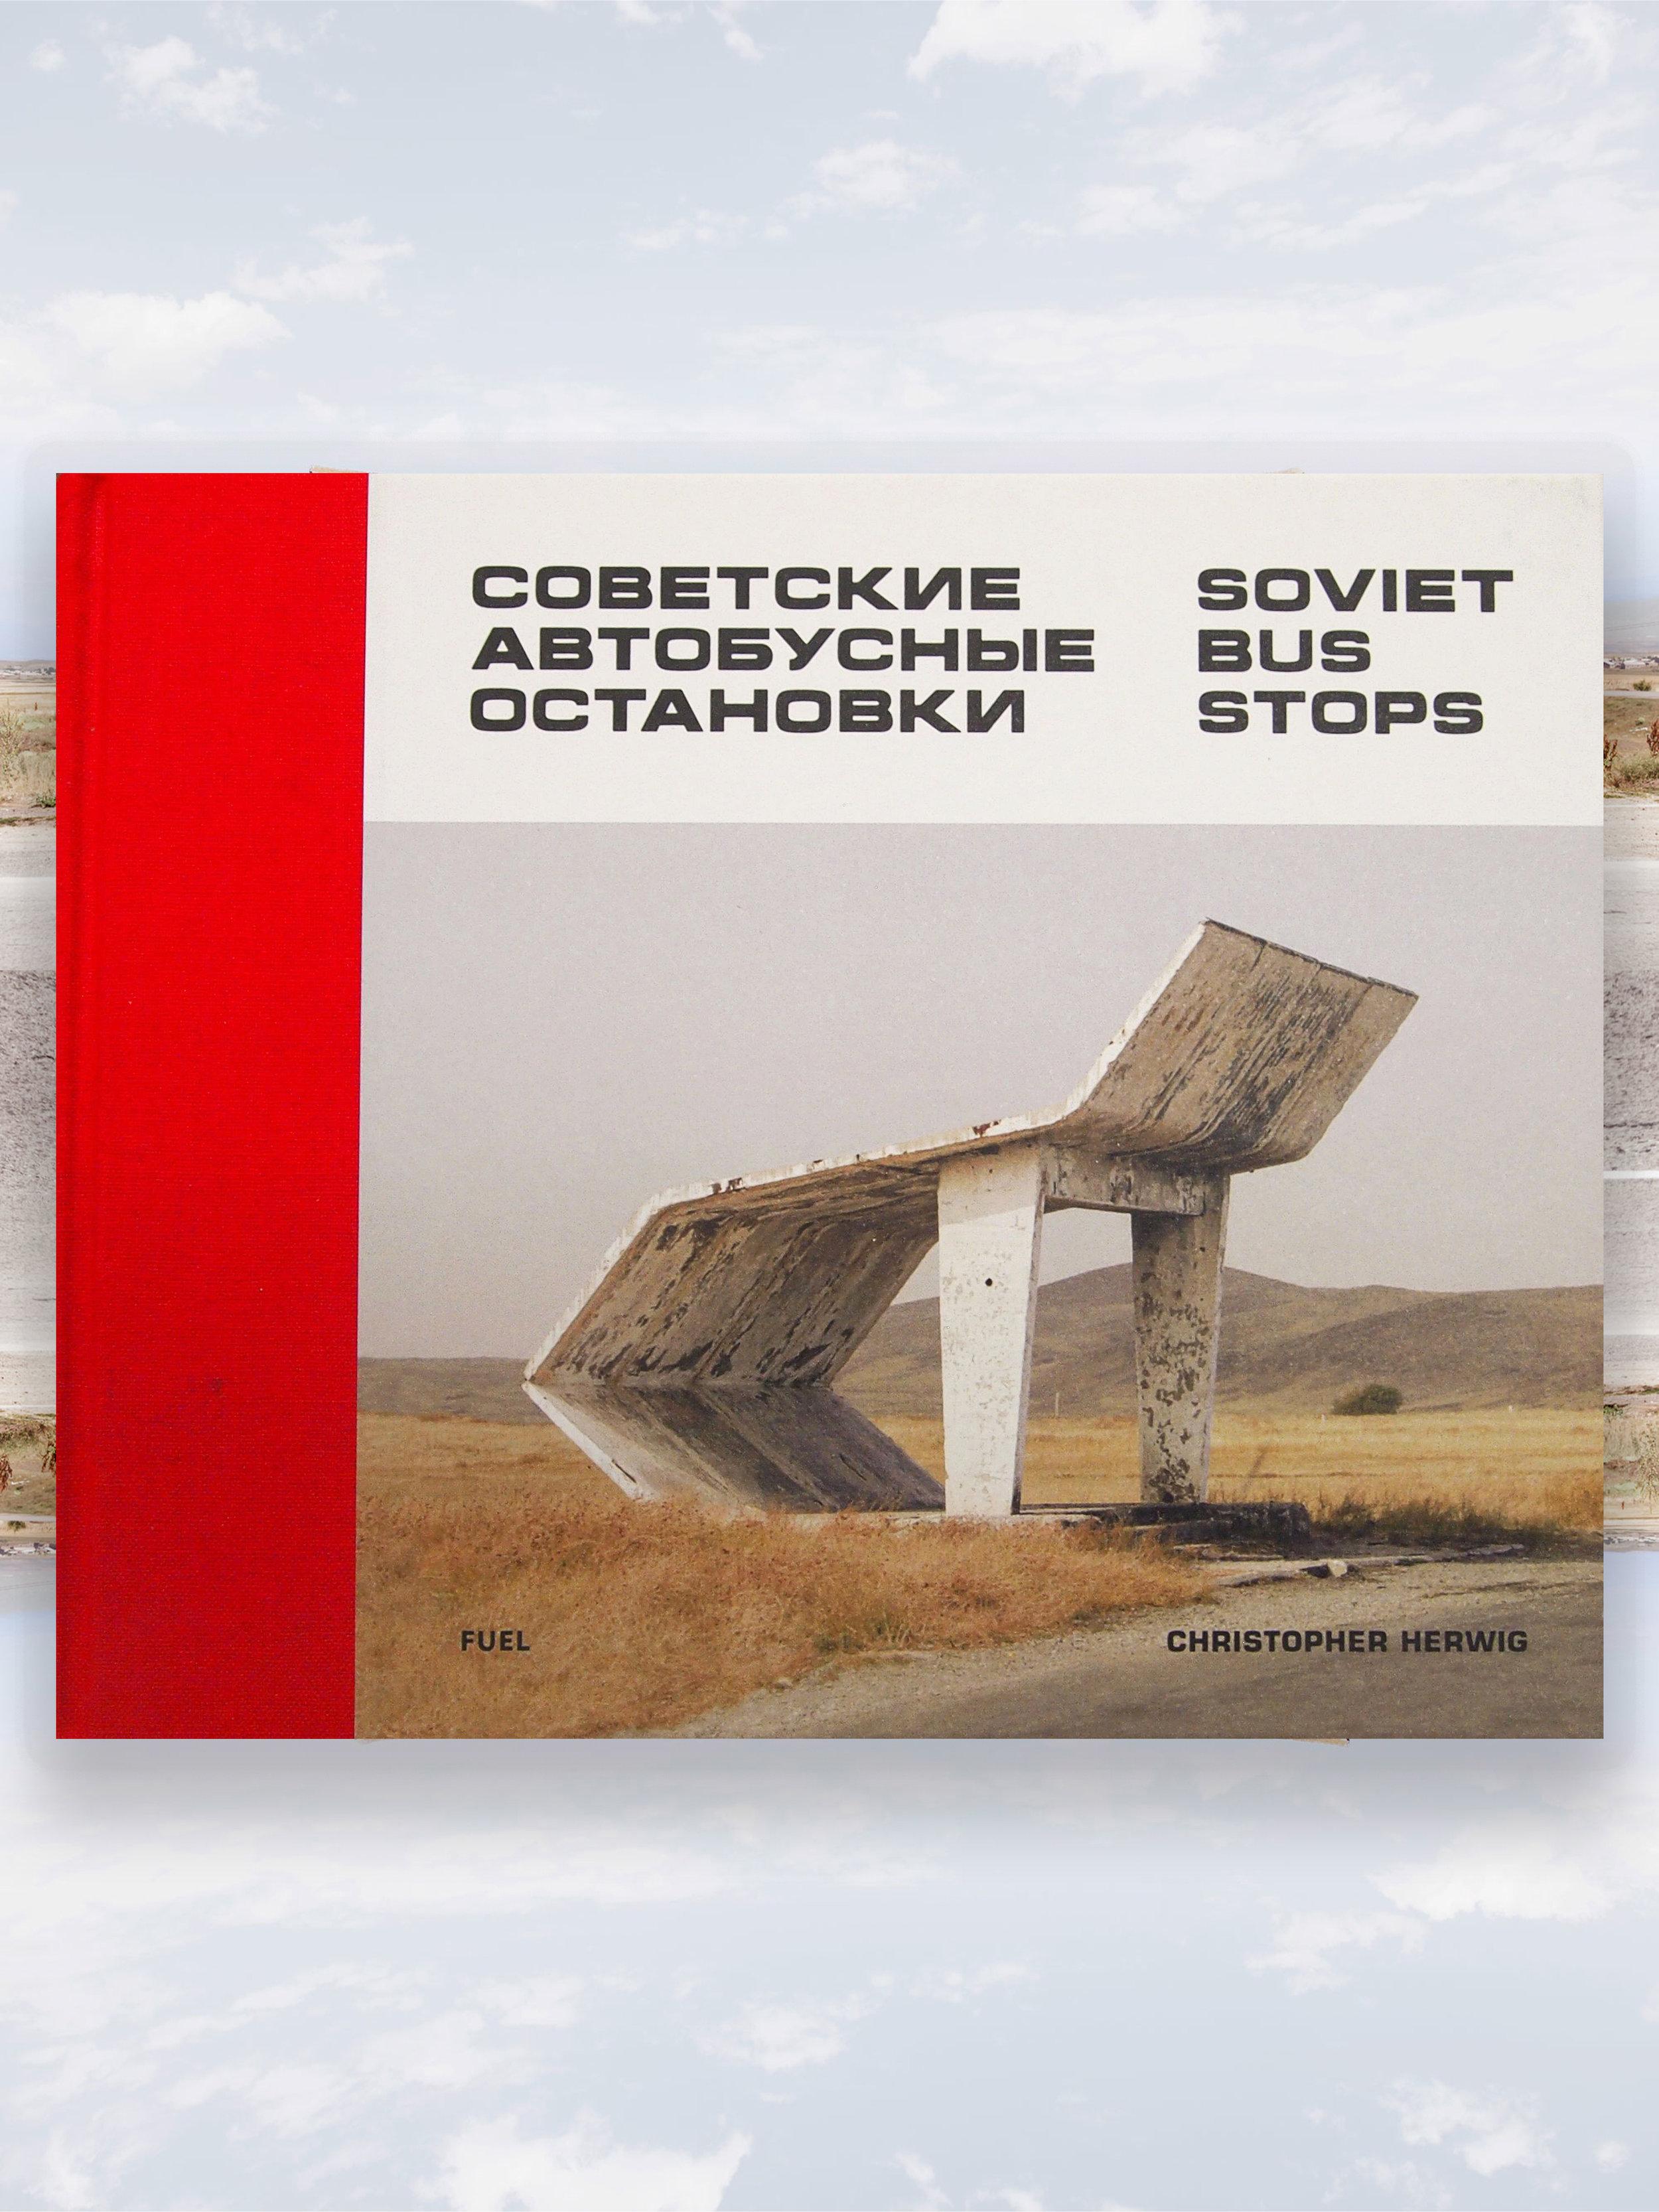 Soviet Bus Stops Cover composite.jpg